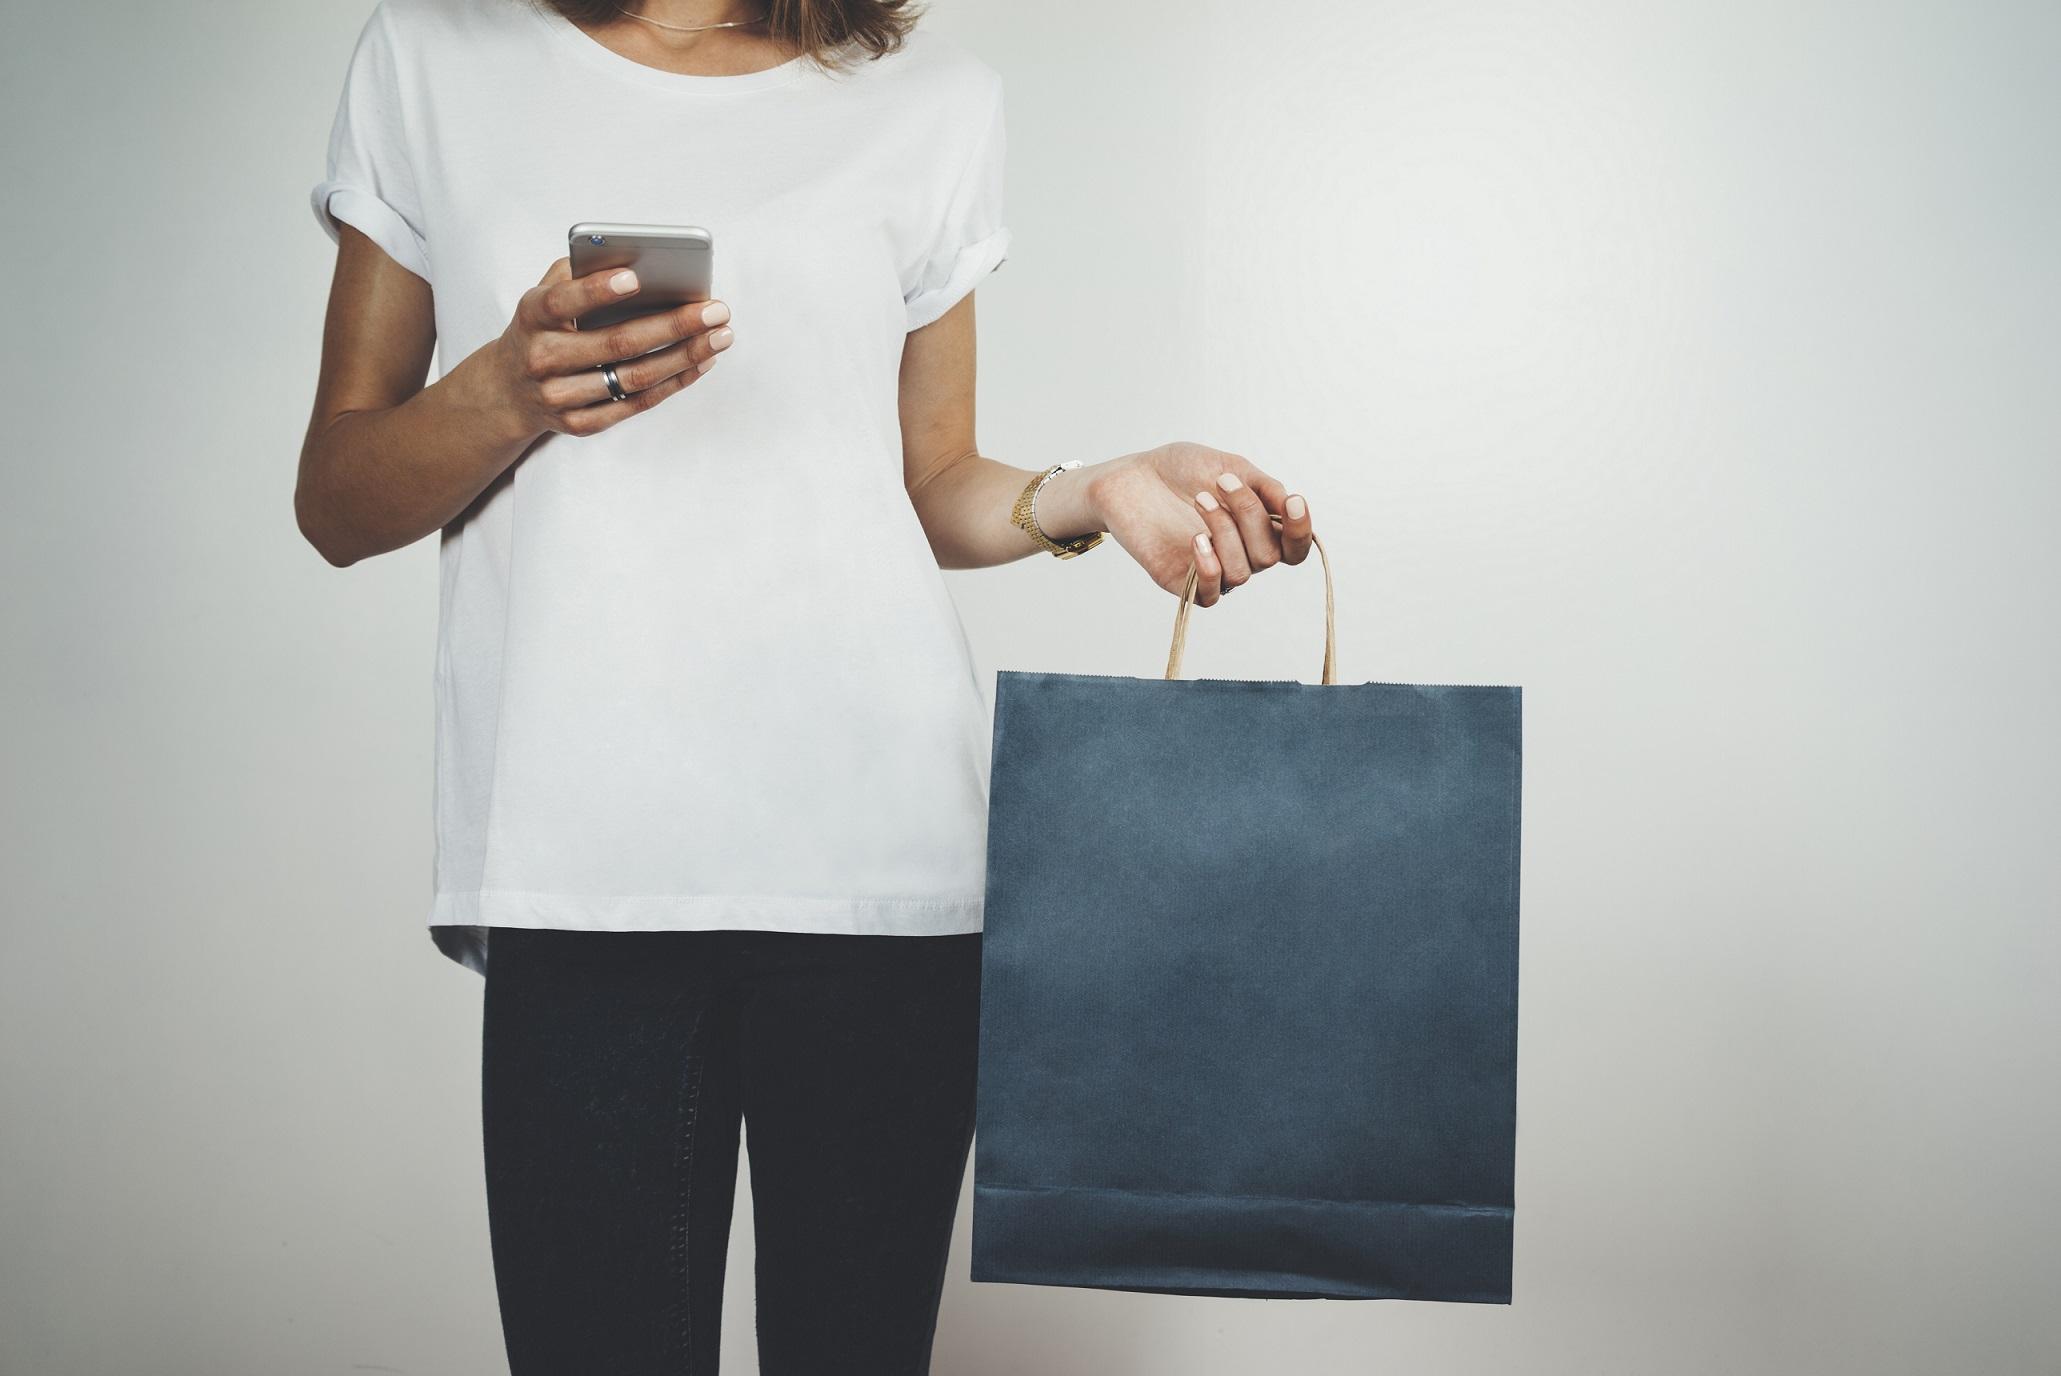 Verschmelzung von Online- und Offlinehandel